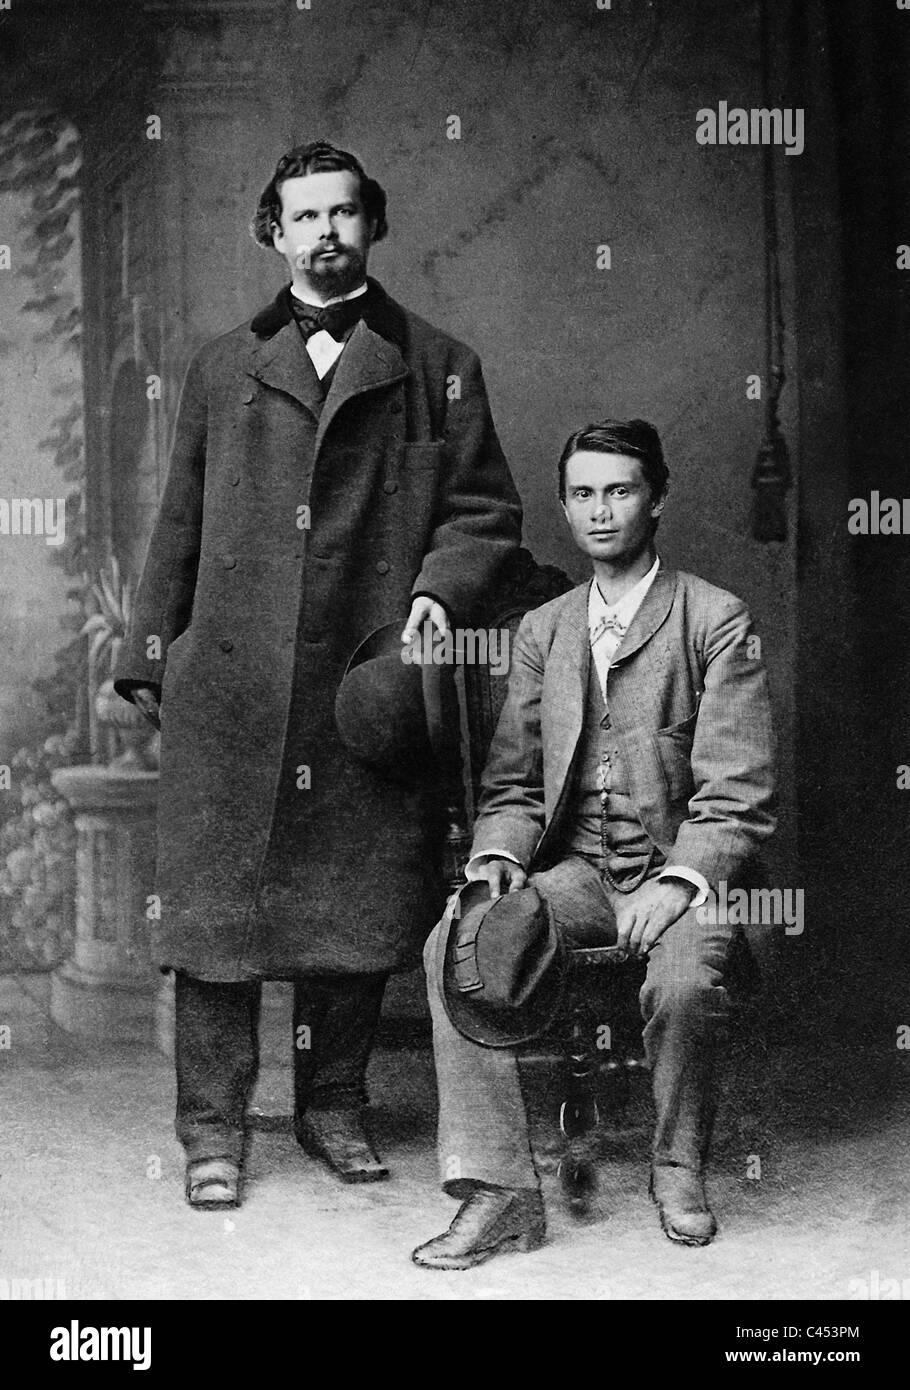 King Ludwig II of Bavaria and Josef Kainz , 1881 - Stock Image